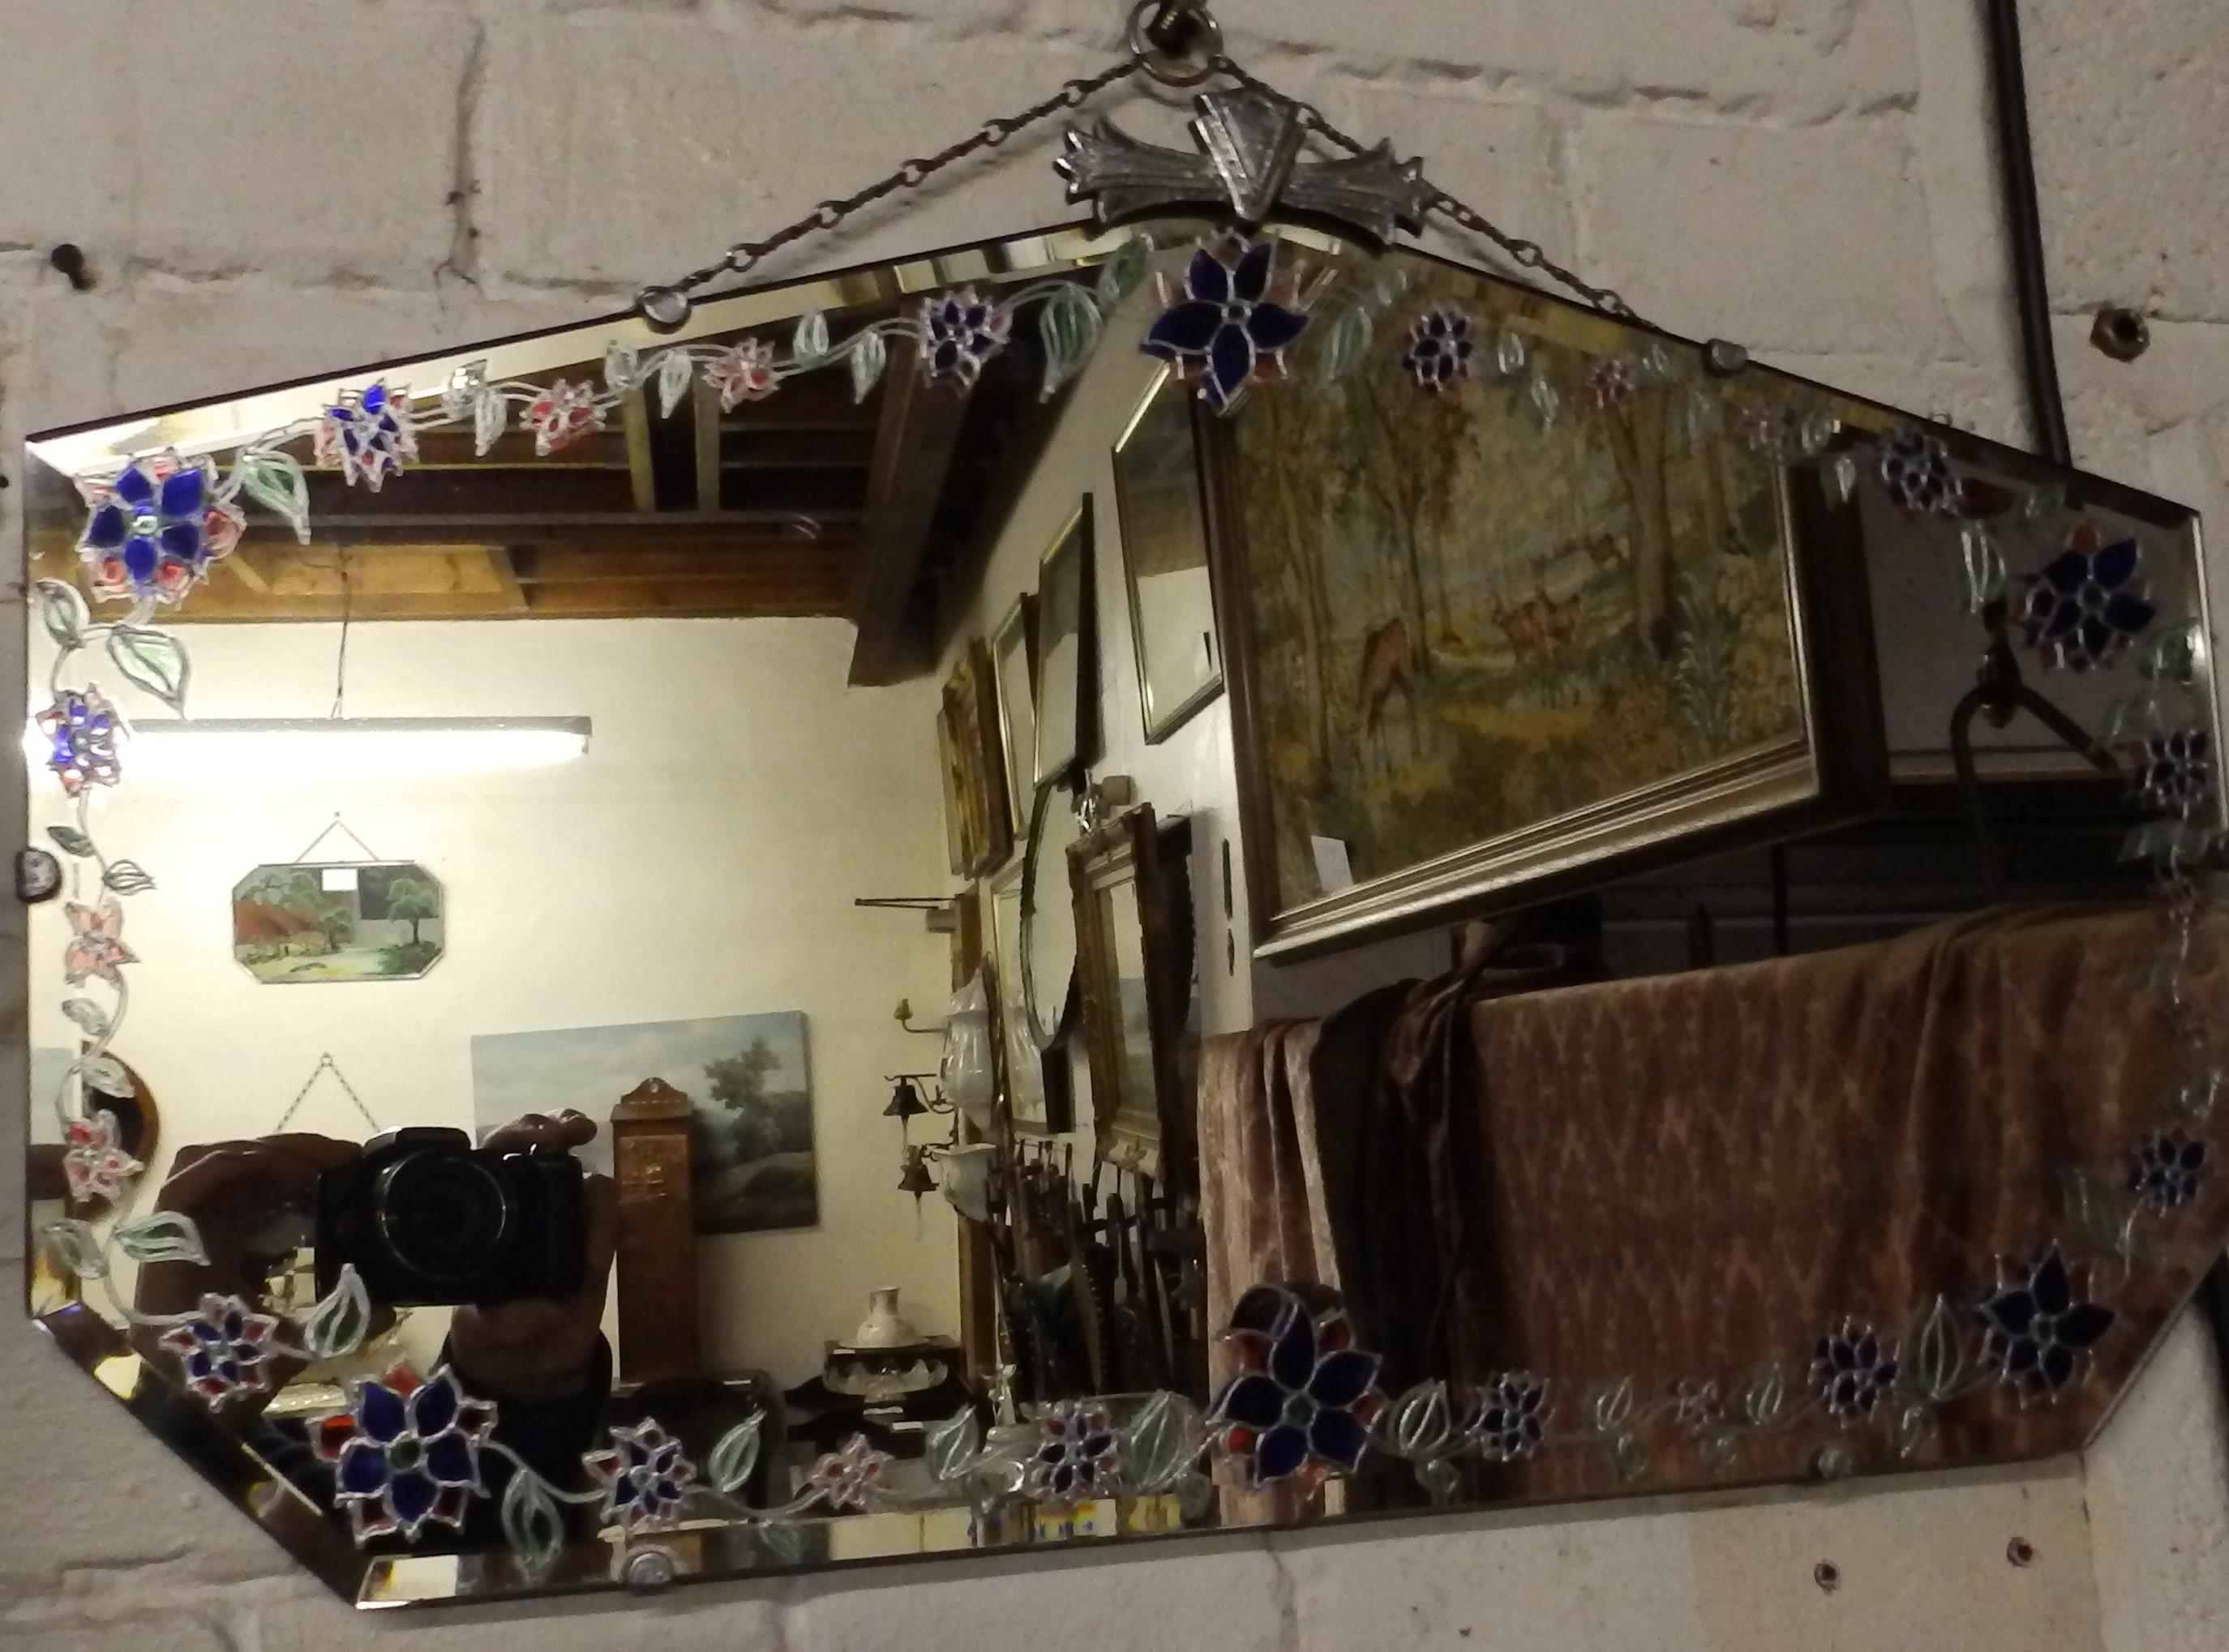 1930/50s mirror